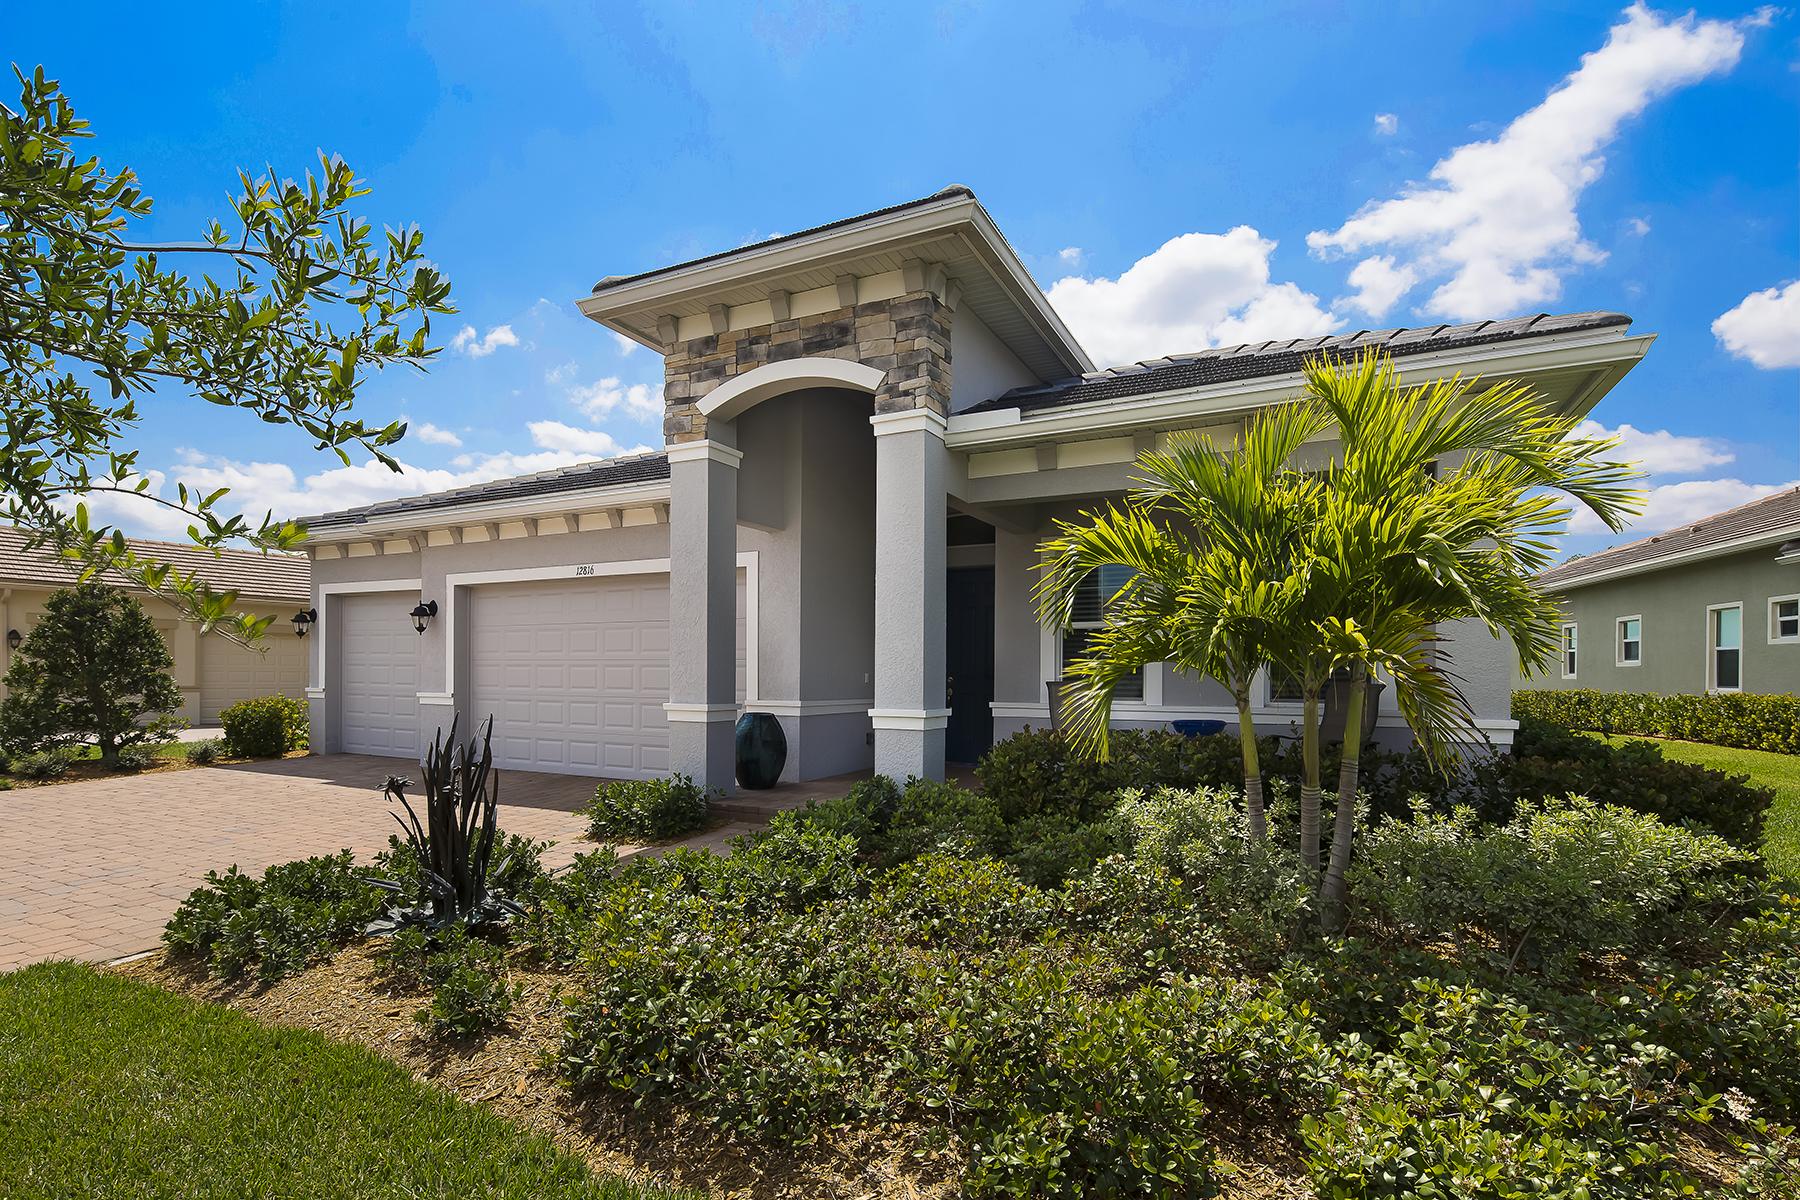 一戸建て のために 売買 アット VERANDAH - FAIRWAY COVE 12816 Fairway Cove Ct Fort Myers, フロリダ, 33905 アメリカ合衆国